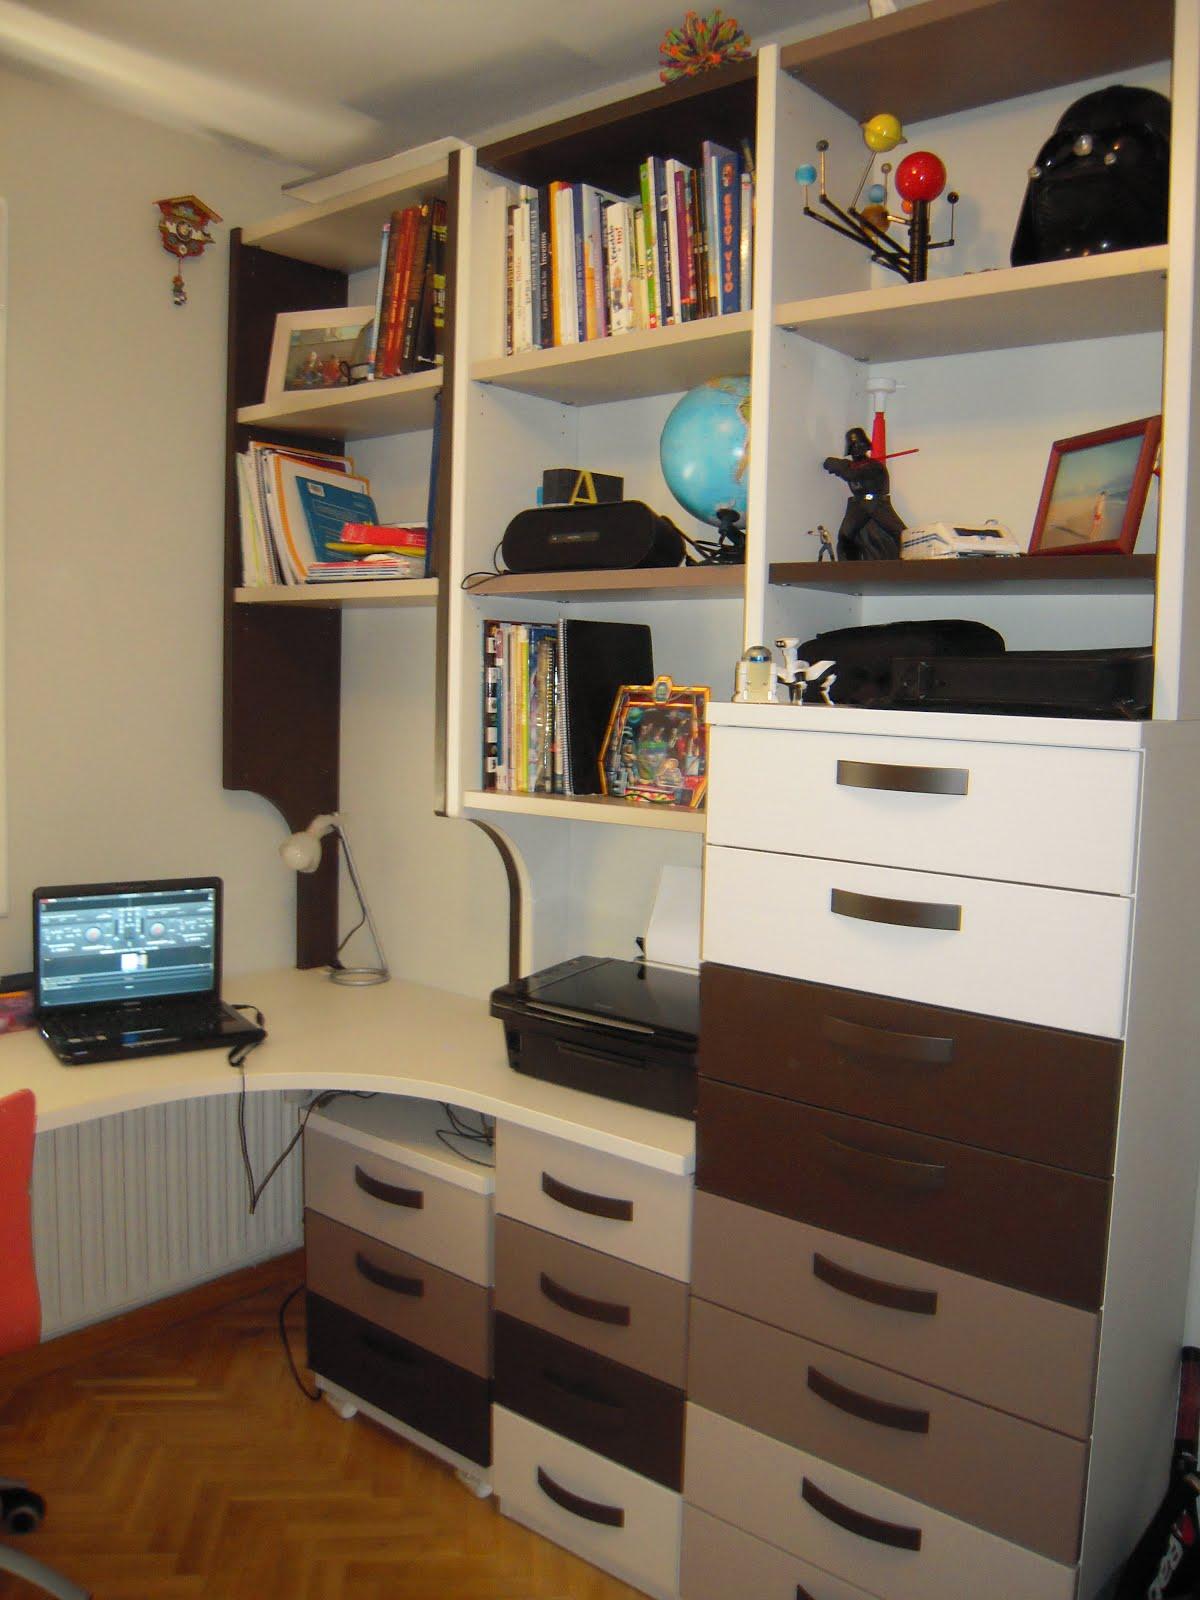 Dormitorios juveniles Habitaciones infantiles y mueble juvenil Madrid #9F6C2C 1200x1600